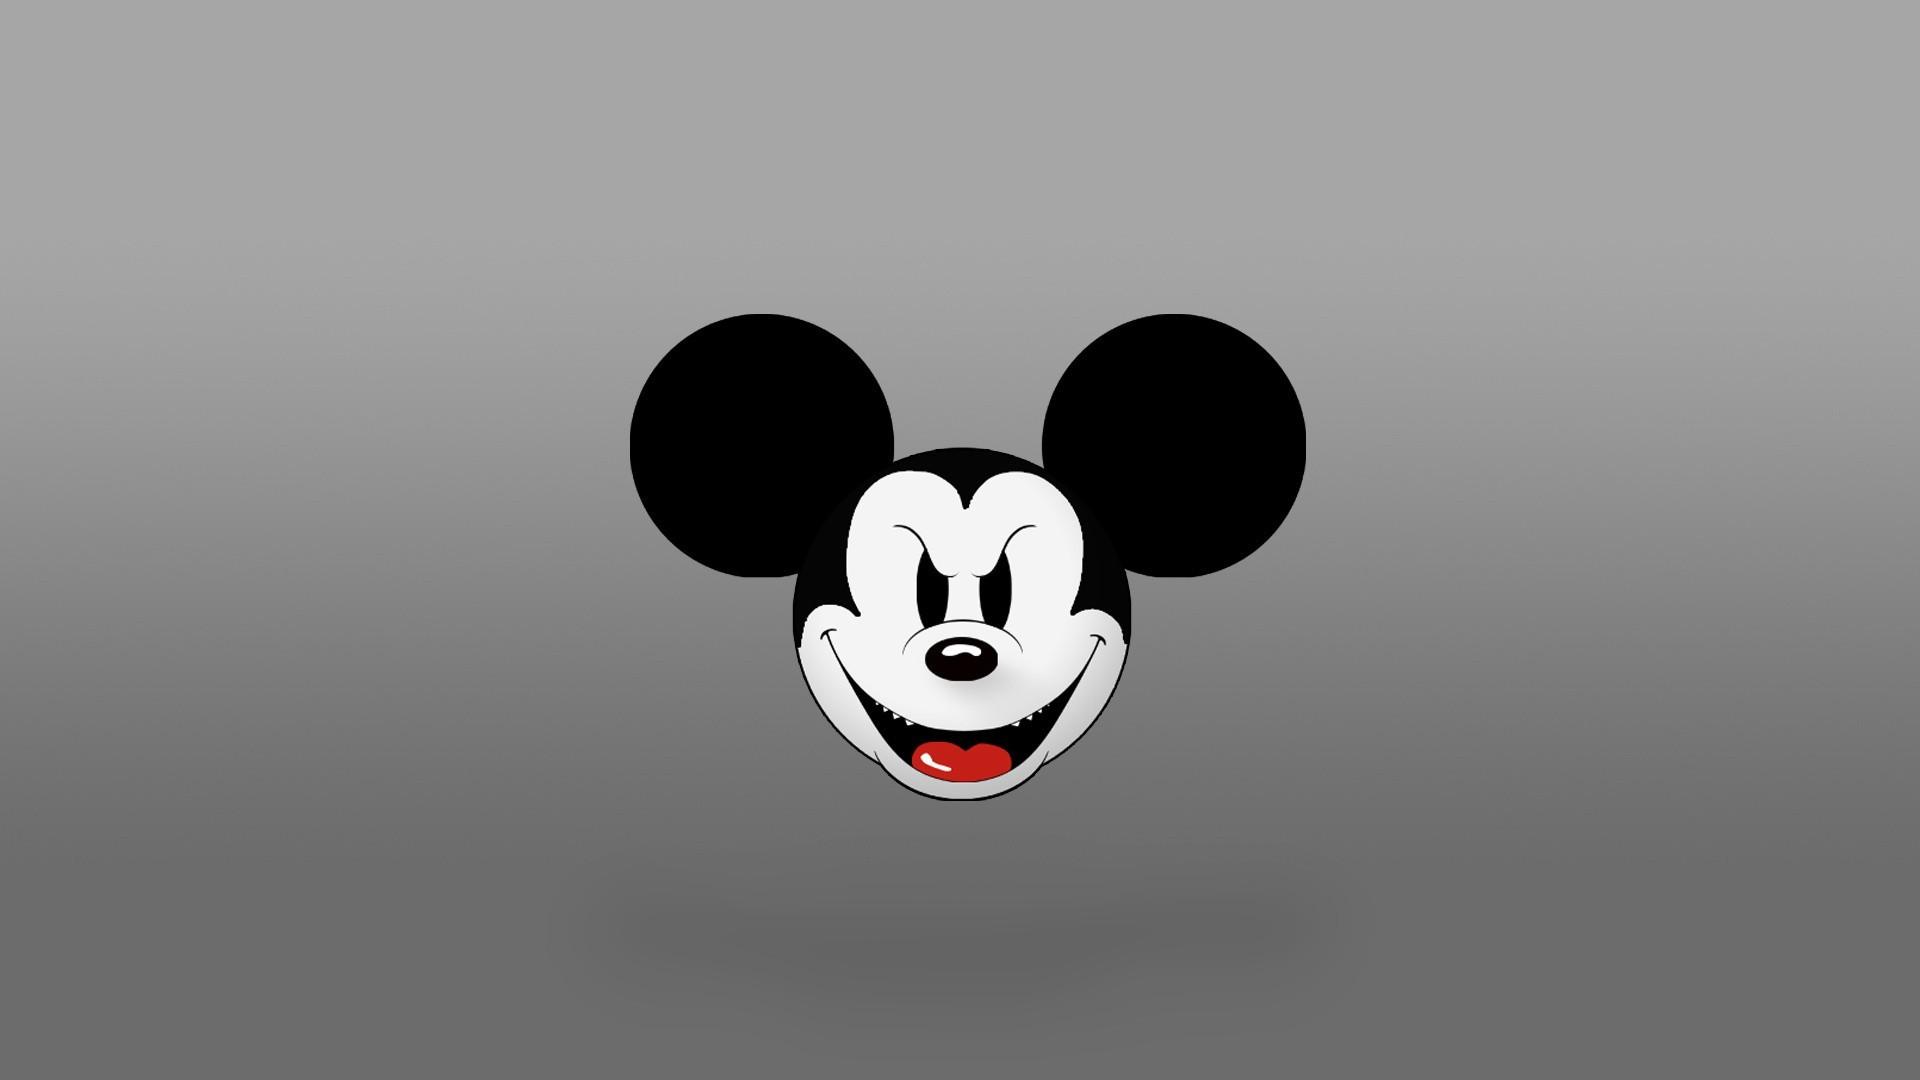 Sfondi illustrazione topolino logo cartone animato disney